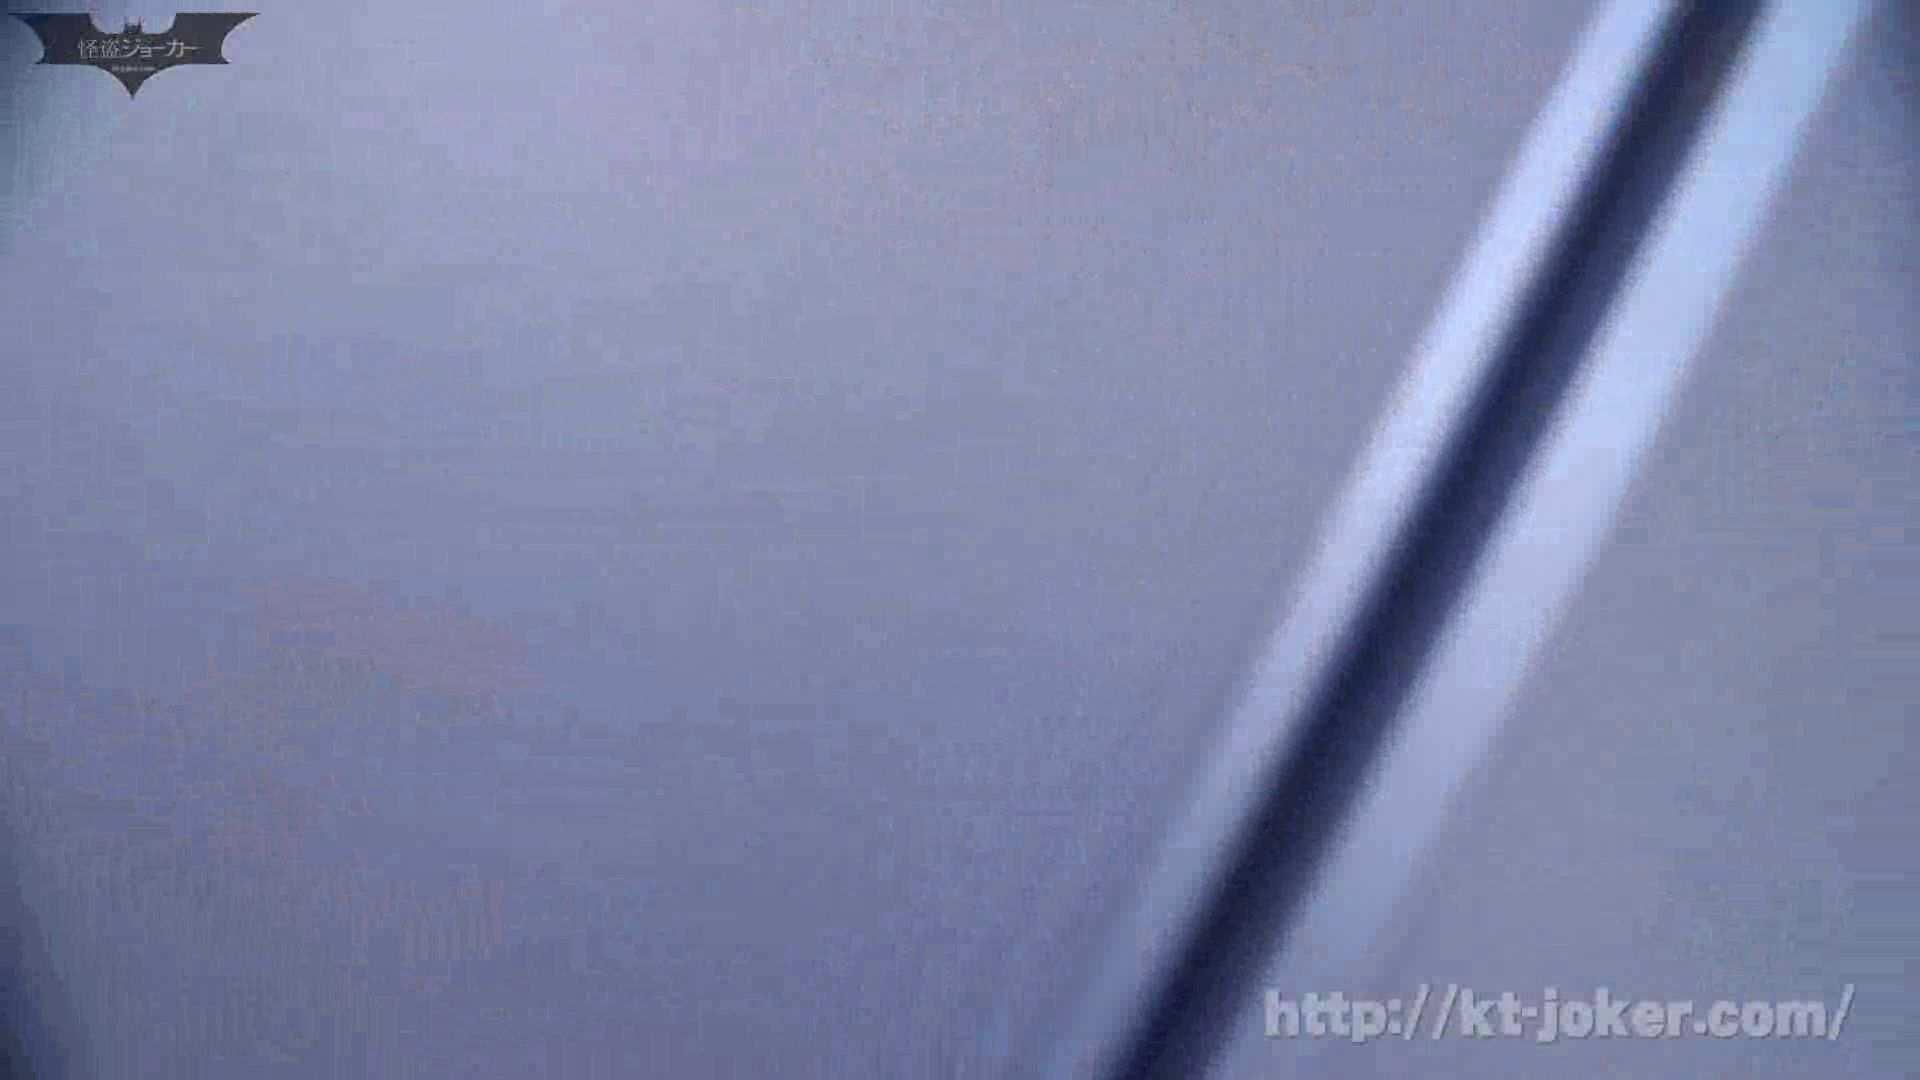 命がけ潜伏洗面所! vol.51 エロすぎる捻り? エロティックなOL おめこ無修正動画無料 78画像 59